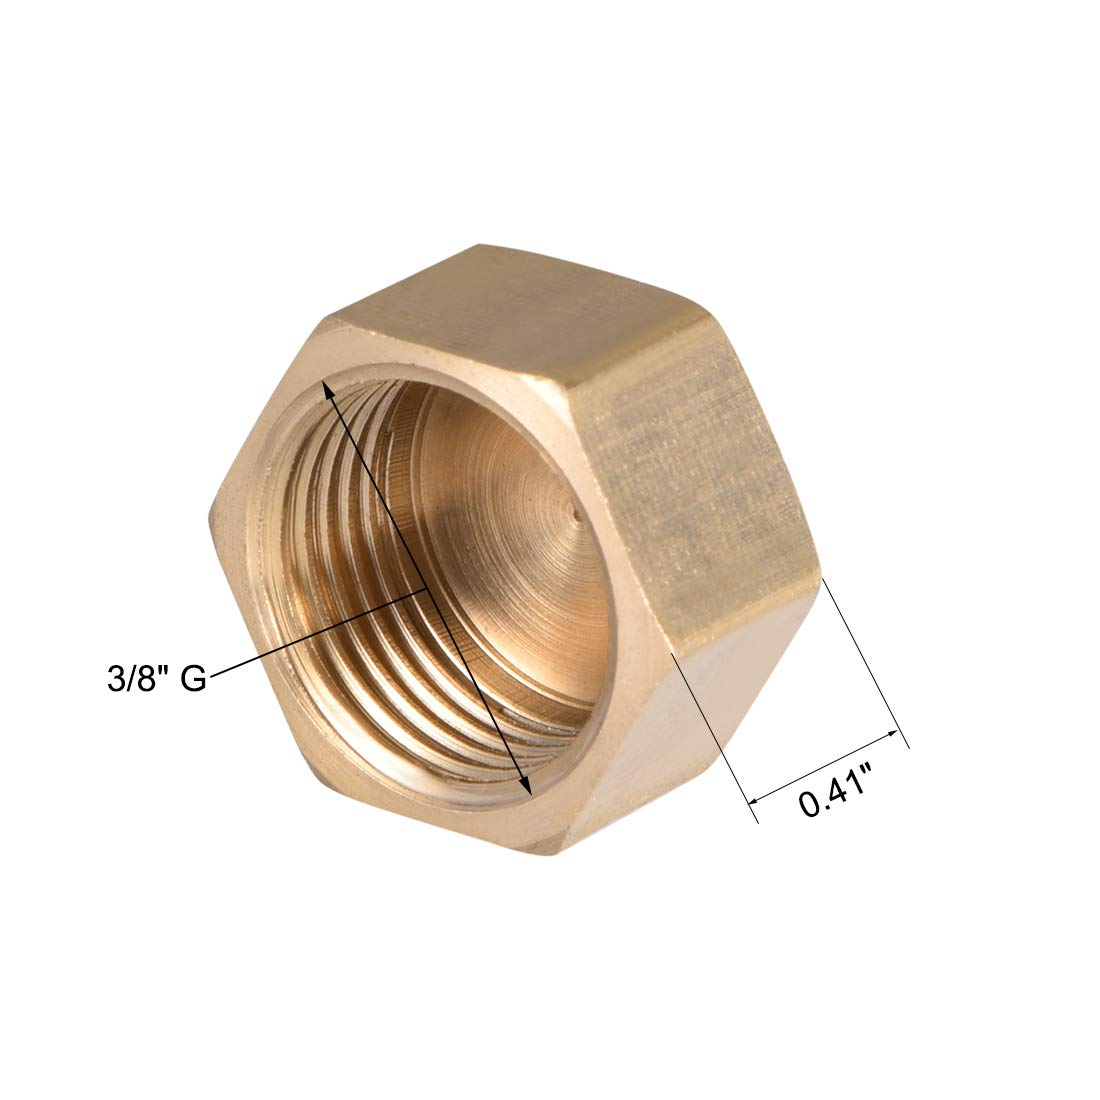 Sourcingmap Tap/ón de lat/ón para tuber/ía hexagonal 1 pulgada, 1//8 pulgada, 1//2 pulgada, 3//4 pulgada, conector hembra G